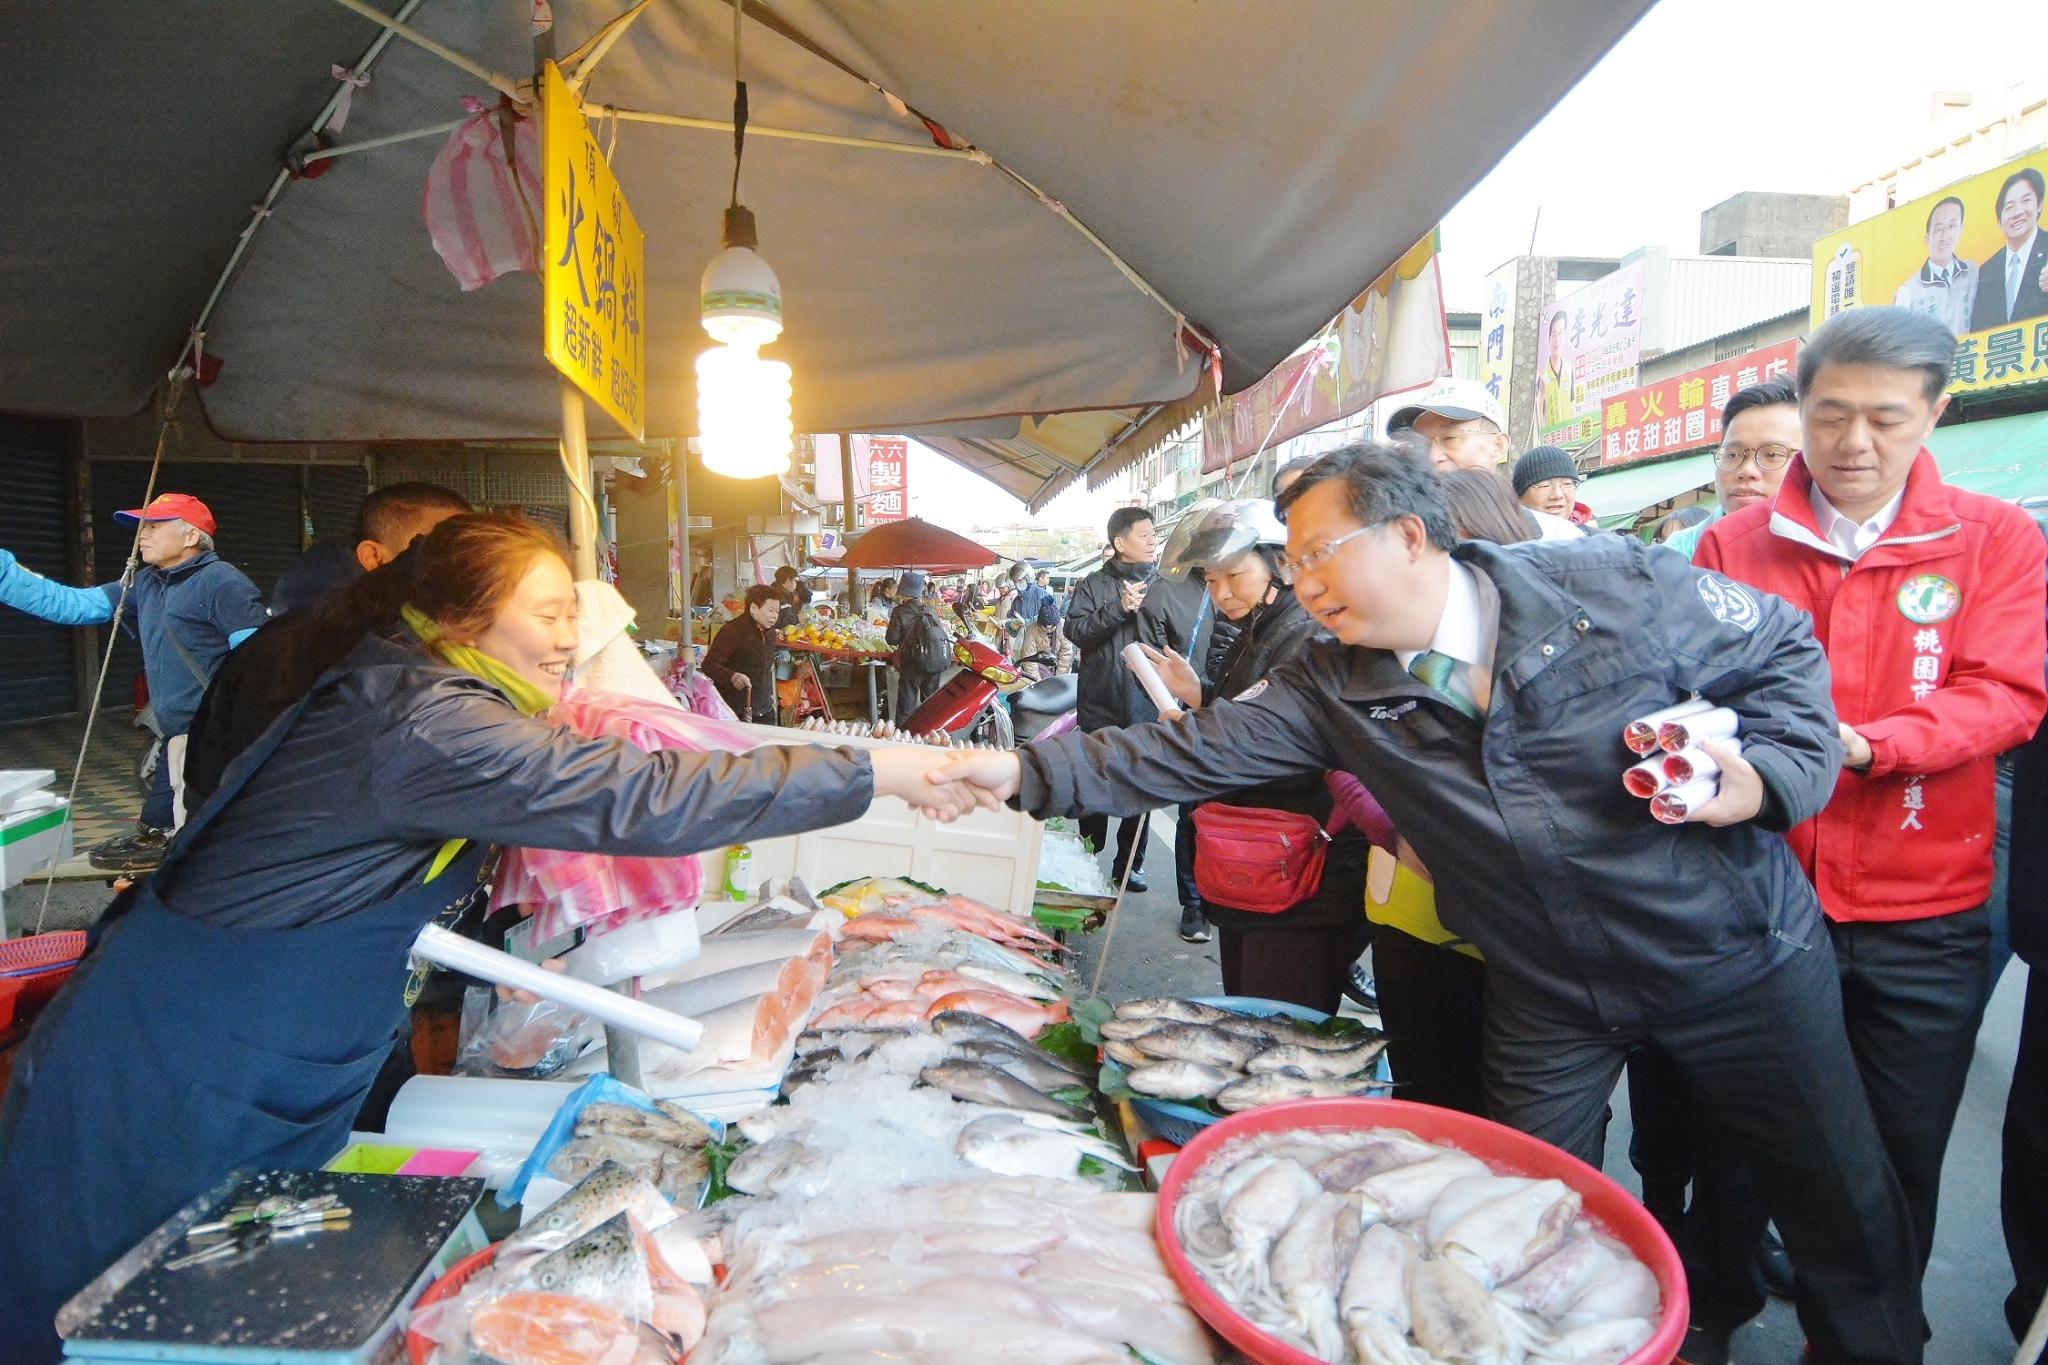 鄭市長訪視南門市場,祝福大家生意興隆、新年快樂